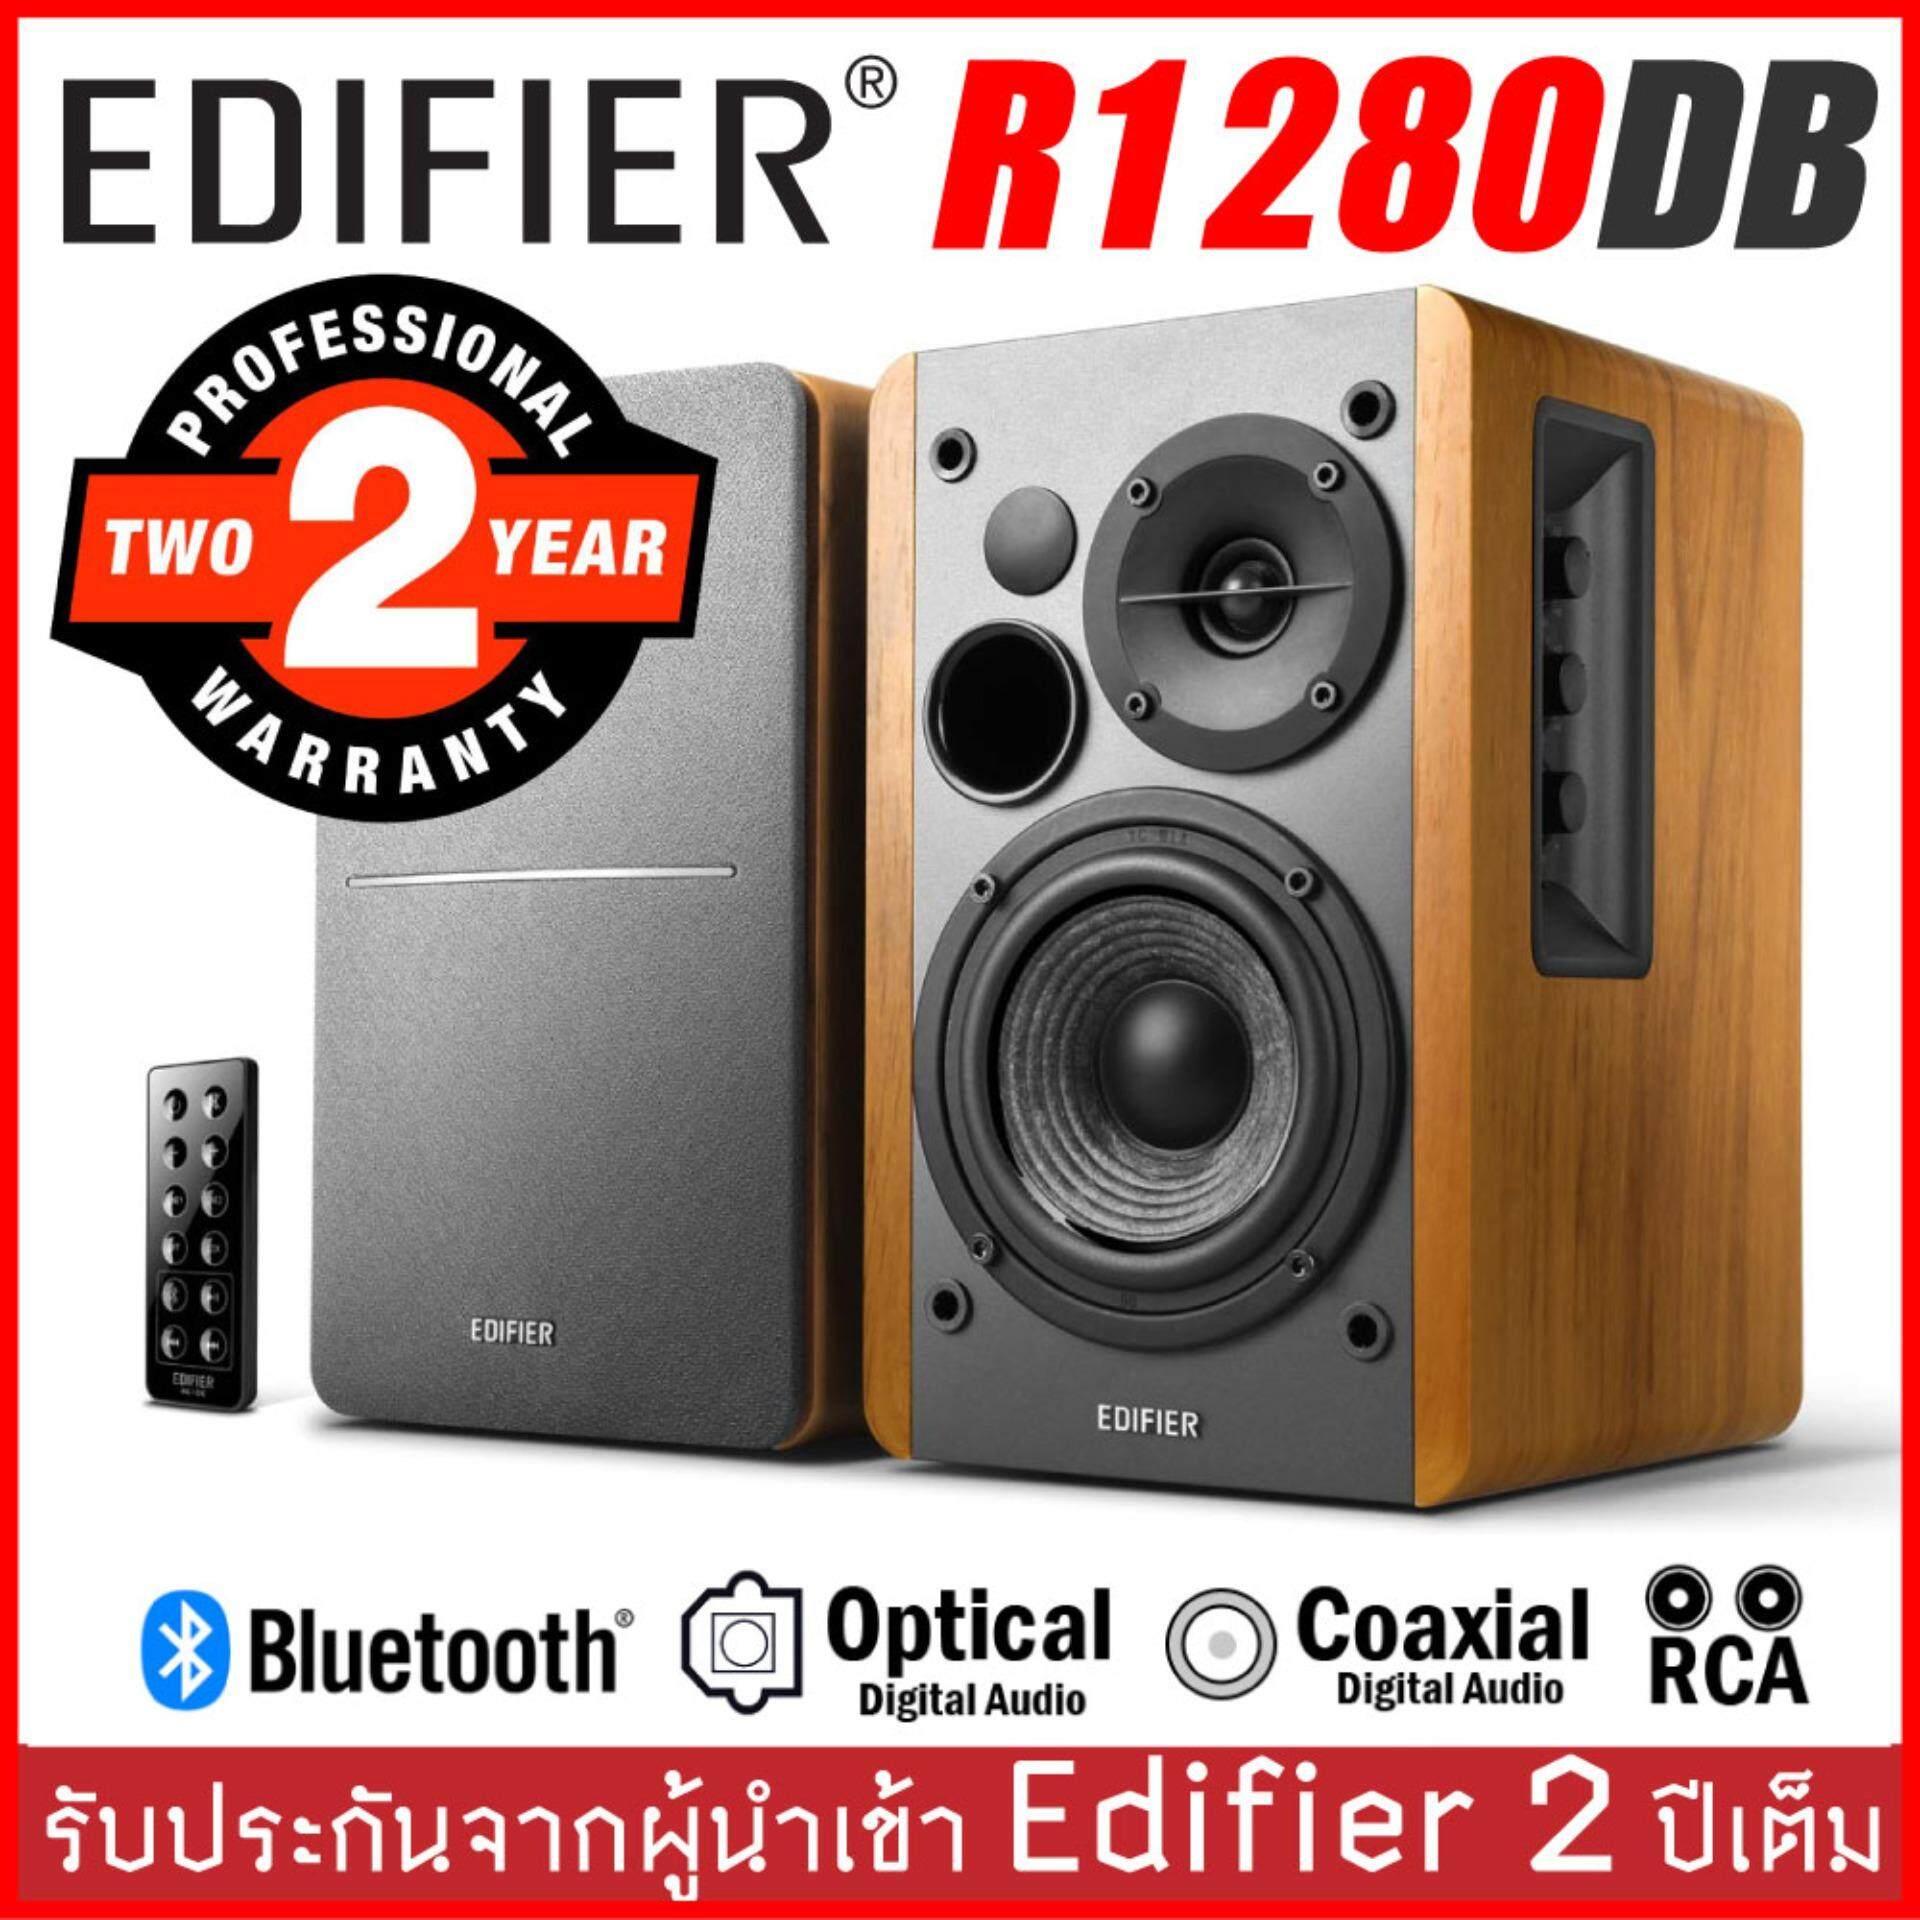 ยี่ห้อไหนดี  ตรัง Edifier R1280DB - Multimedia Bluetooth Speaker ลำโพงบลูทูธ กำลังขยาย 42 Watt ช่องเชื่อมต่อOptical Coaxial Analog รับประกัน 2 Year จากบริษัท LNT ผู้นำเข้า Edifier อย่างเป็นทางการ